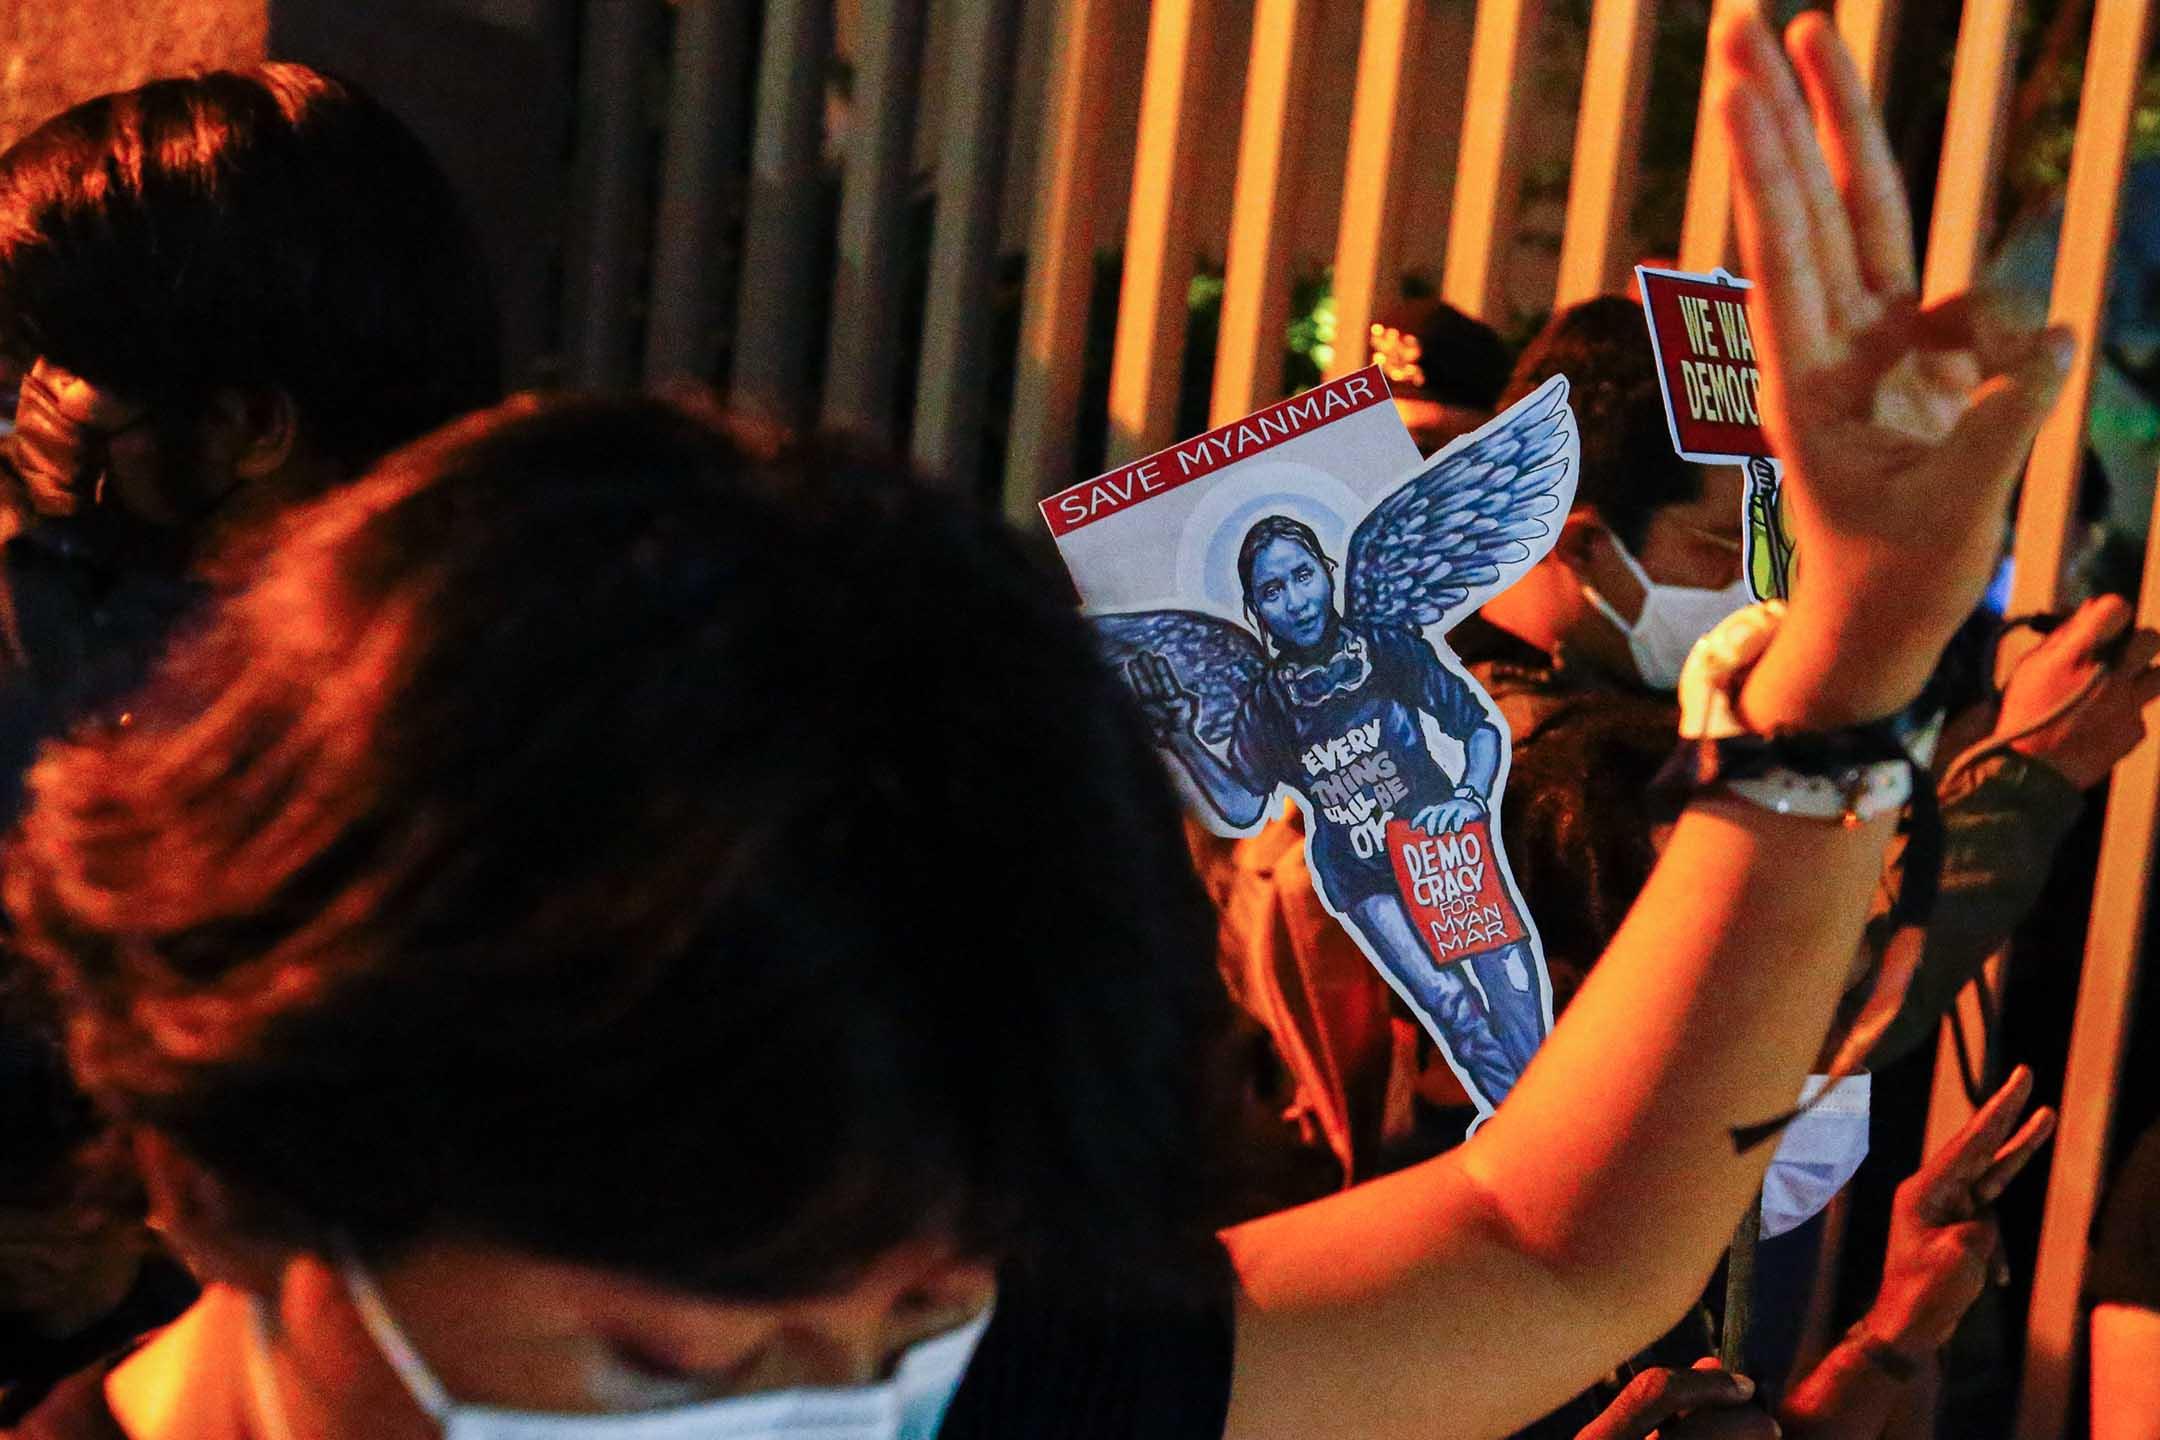 2021年3月12日印度尼西亞雅加達,一名婦女在標語牌旁舉起三指致敬,上面畫著一個抗議者Kyal Sin,她在抗議緬甸軍事政變的示威活動中被槍殺。